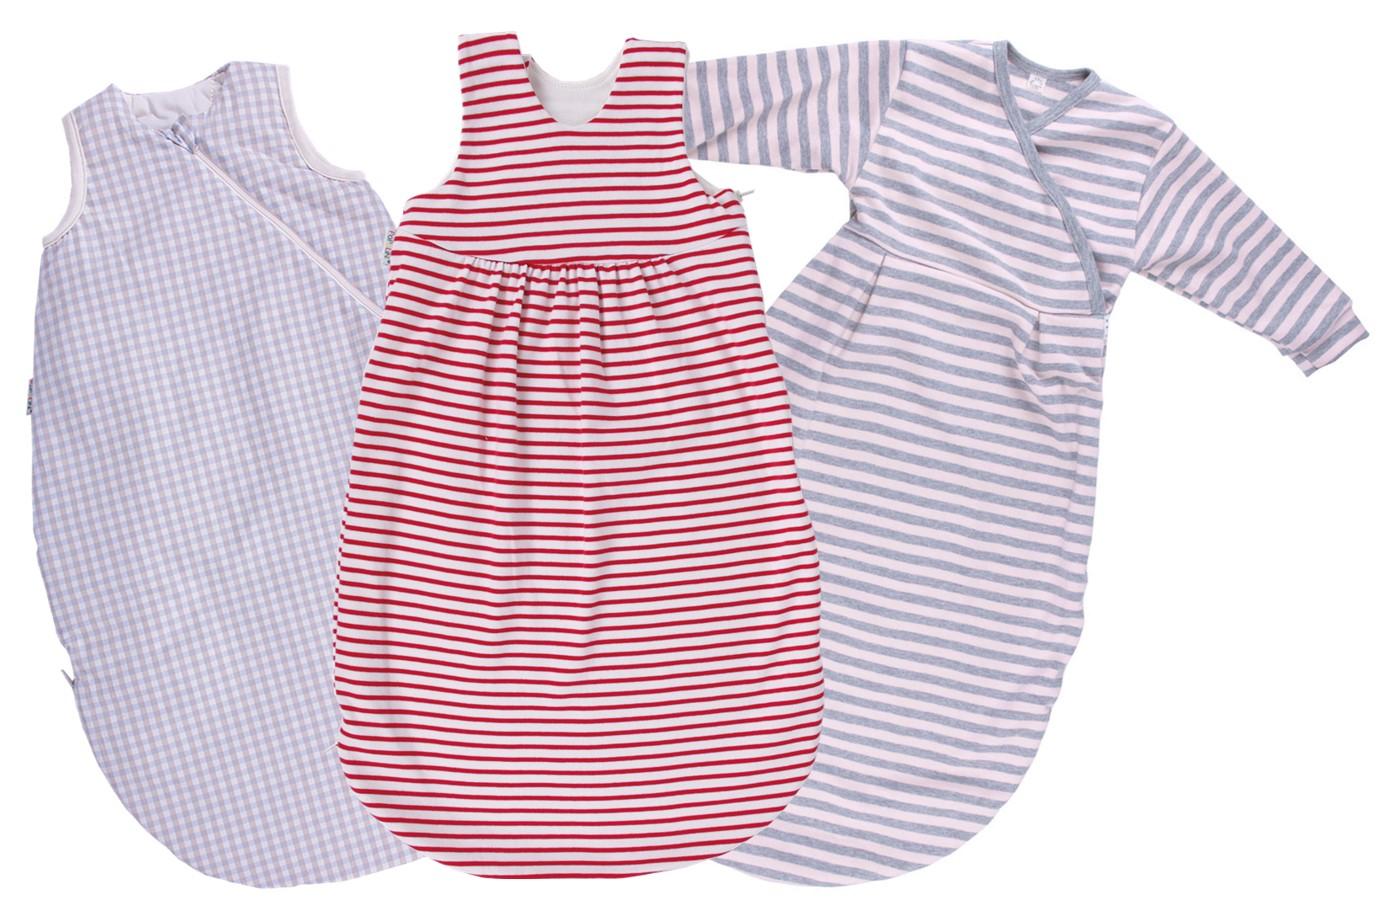 Schlafsack oder Decke? - 7 Fakten zum Babyschlafsack